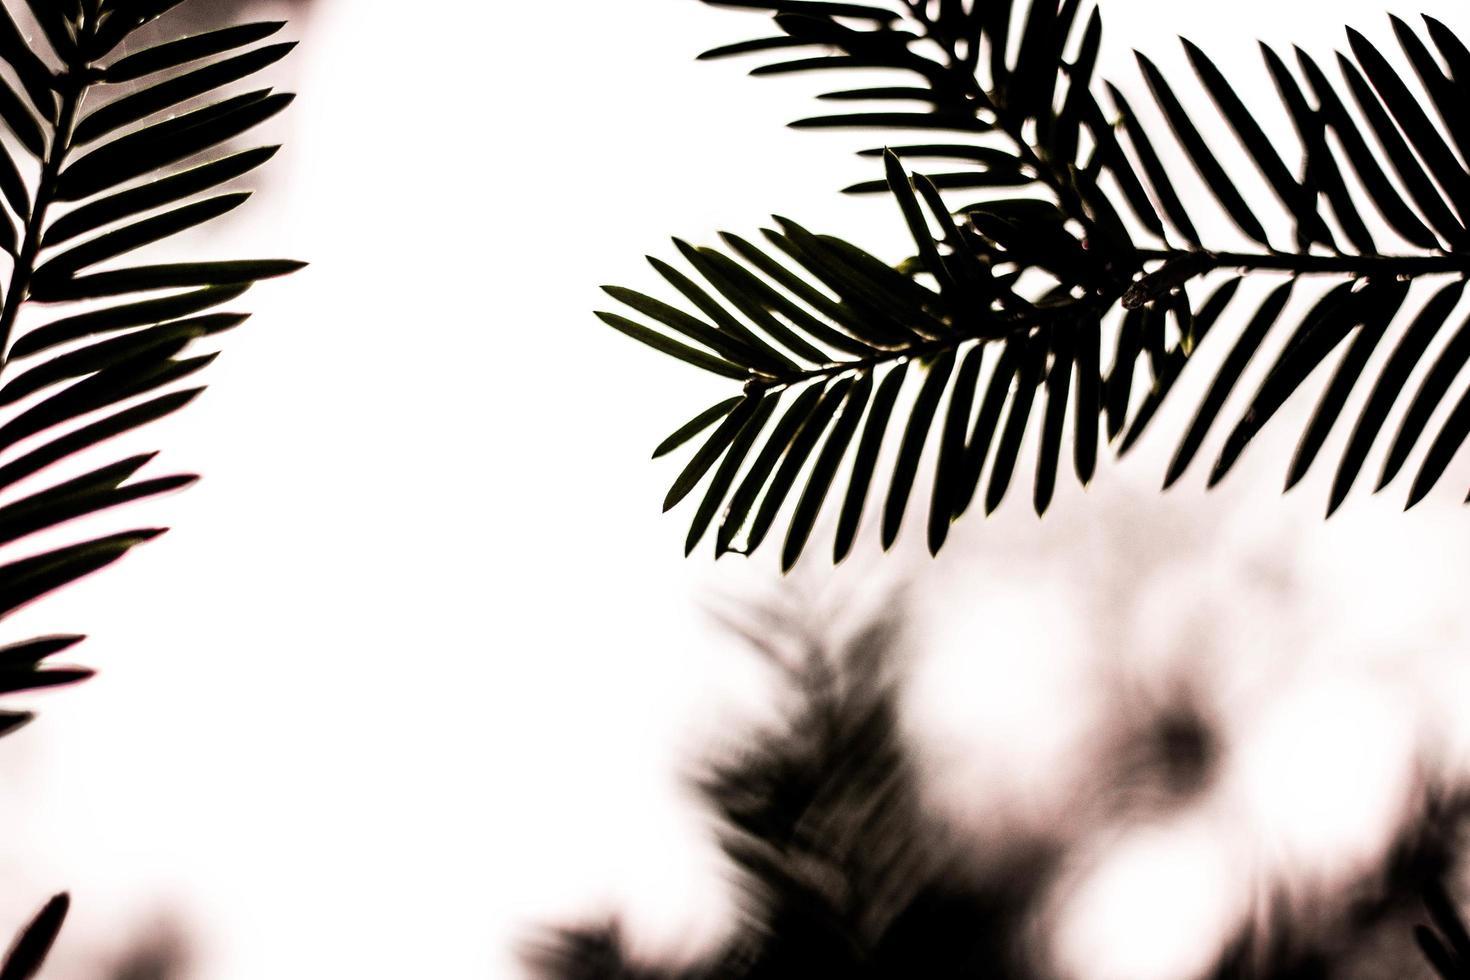 hojas verdes al atardecer foto